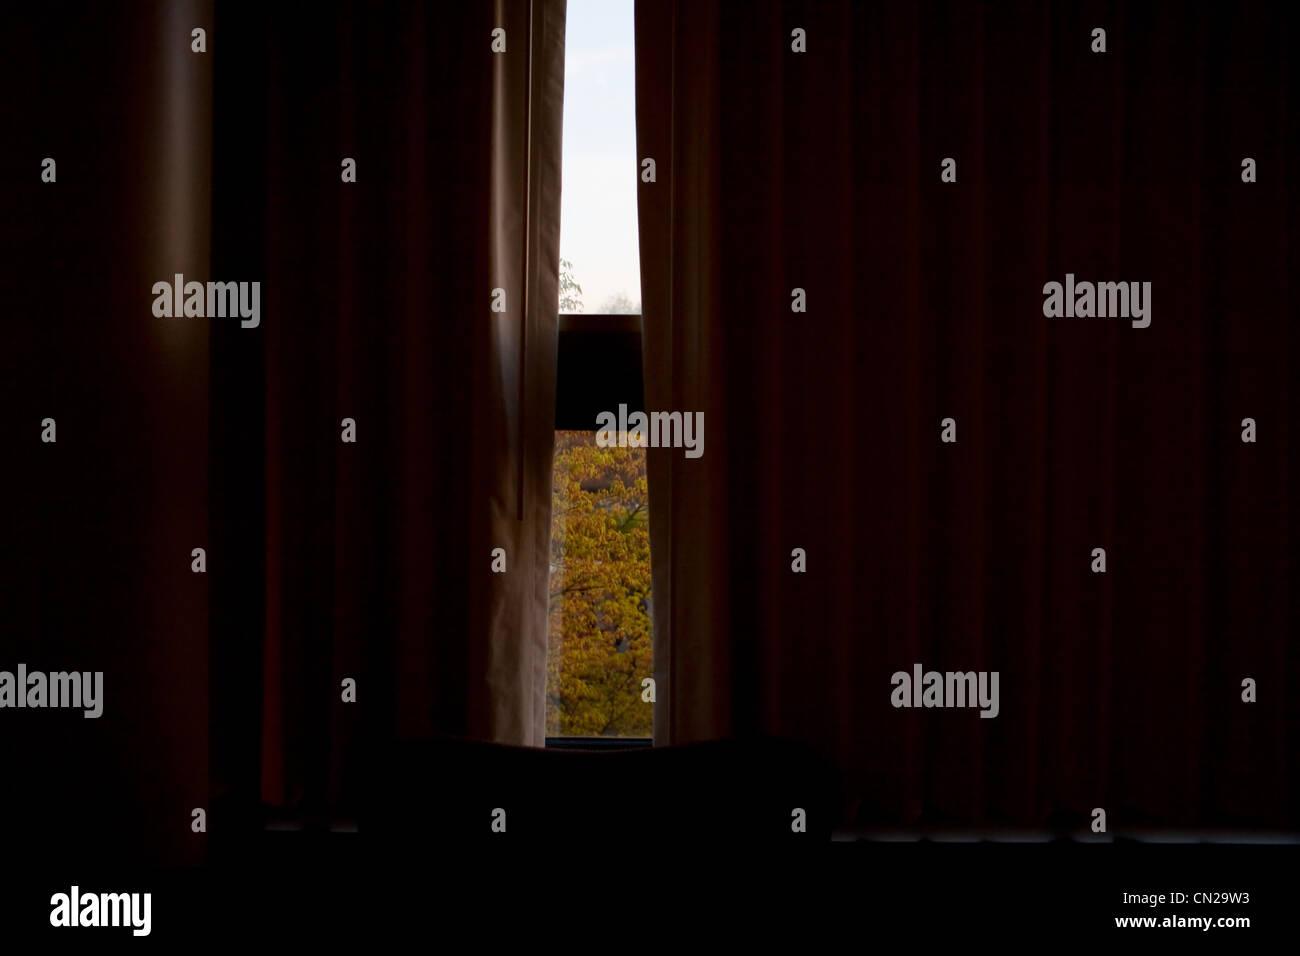 Cortinas De Ventana Fotos e Imágenes de stock Alamy